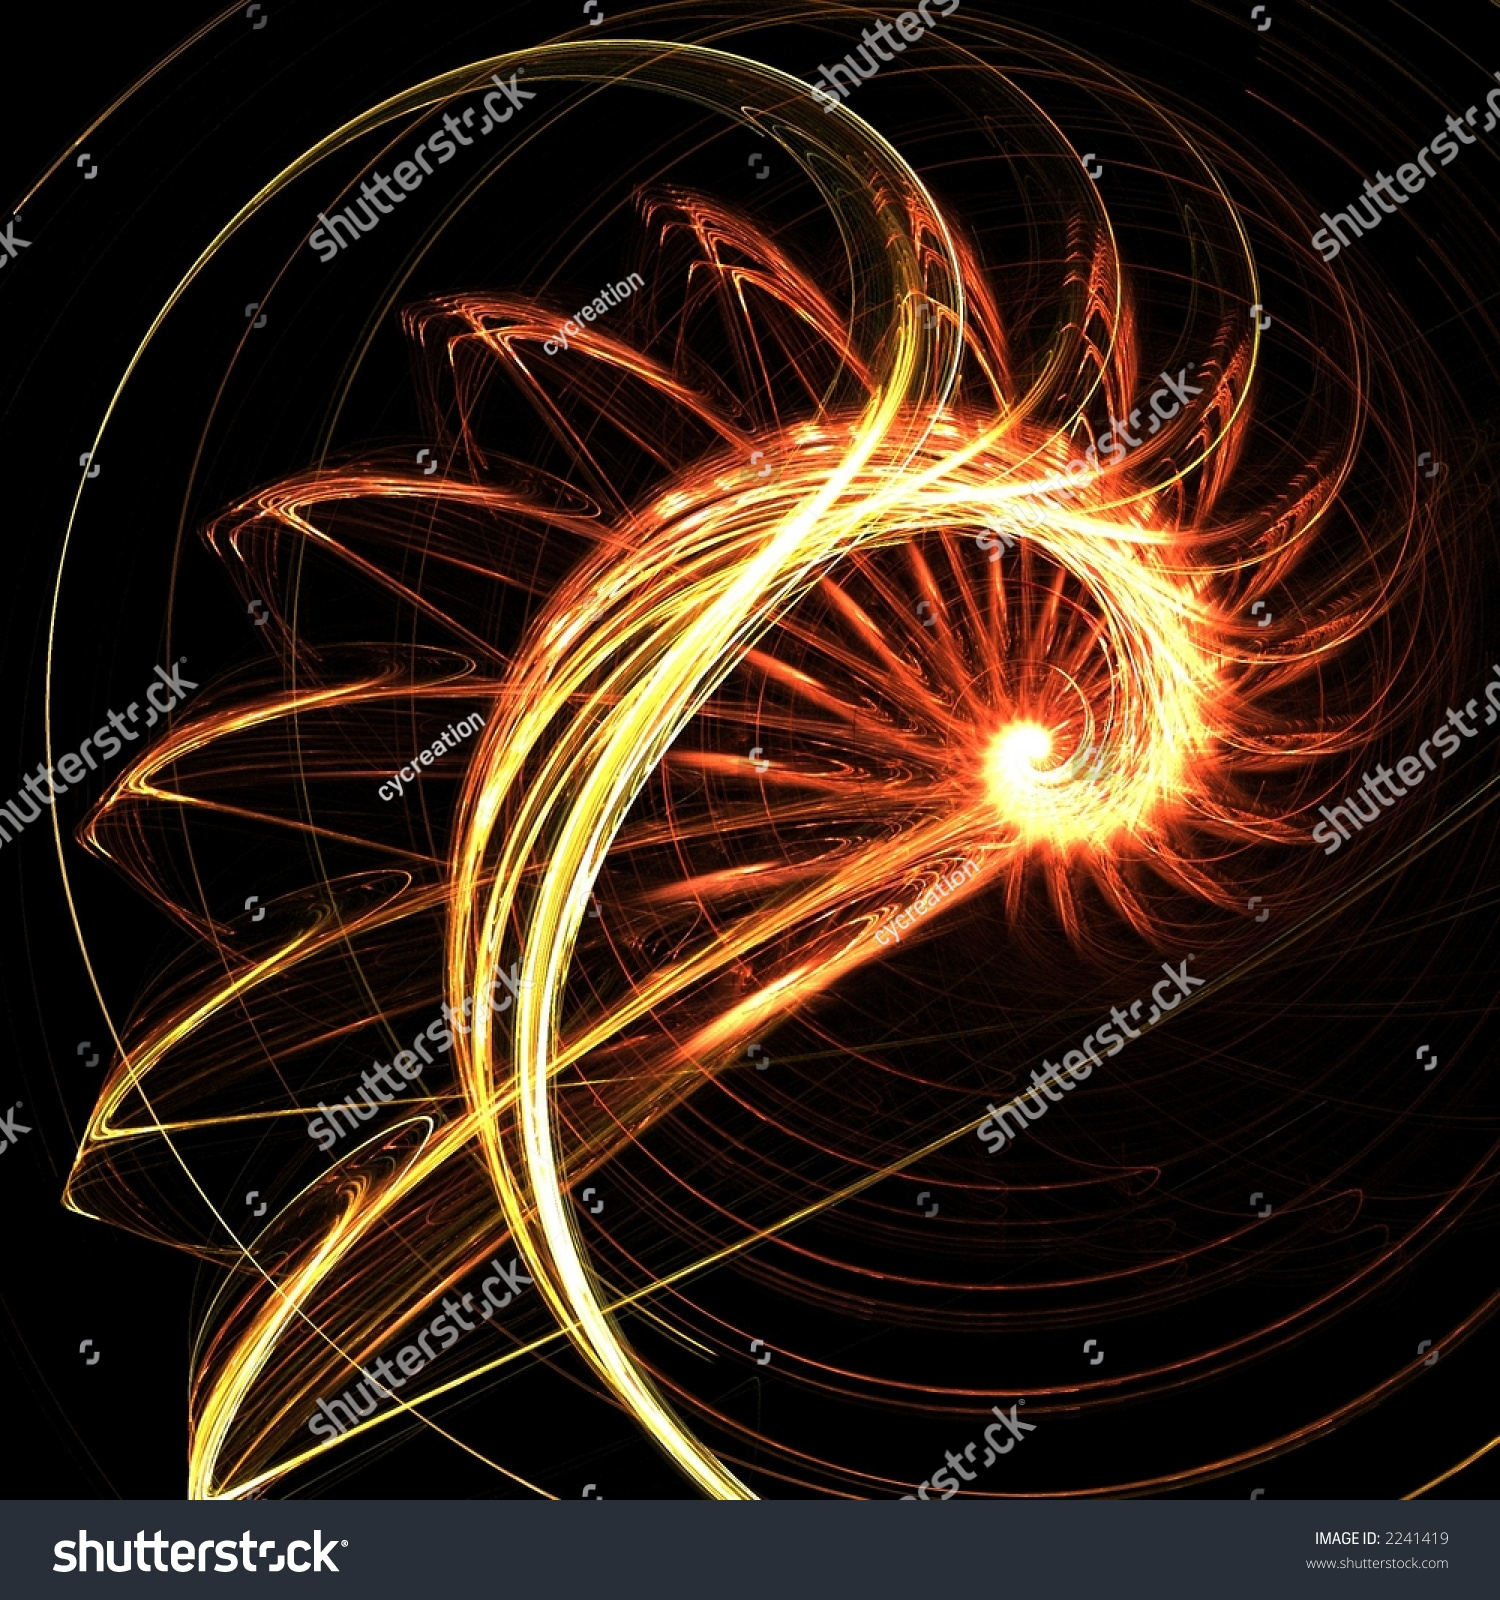 Fractal Black Flower Free Stock Photo: Fractal Spiral Sun Flower Stock Photo 2241419 : Shutterstock